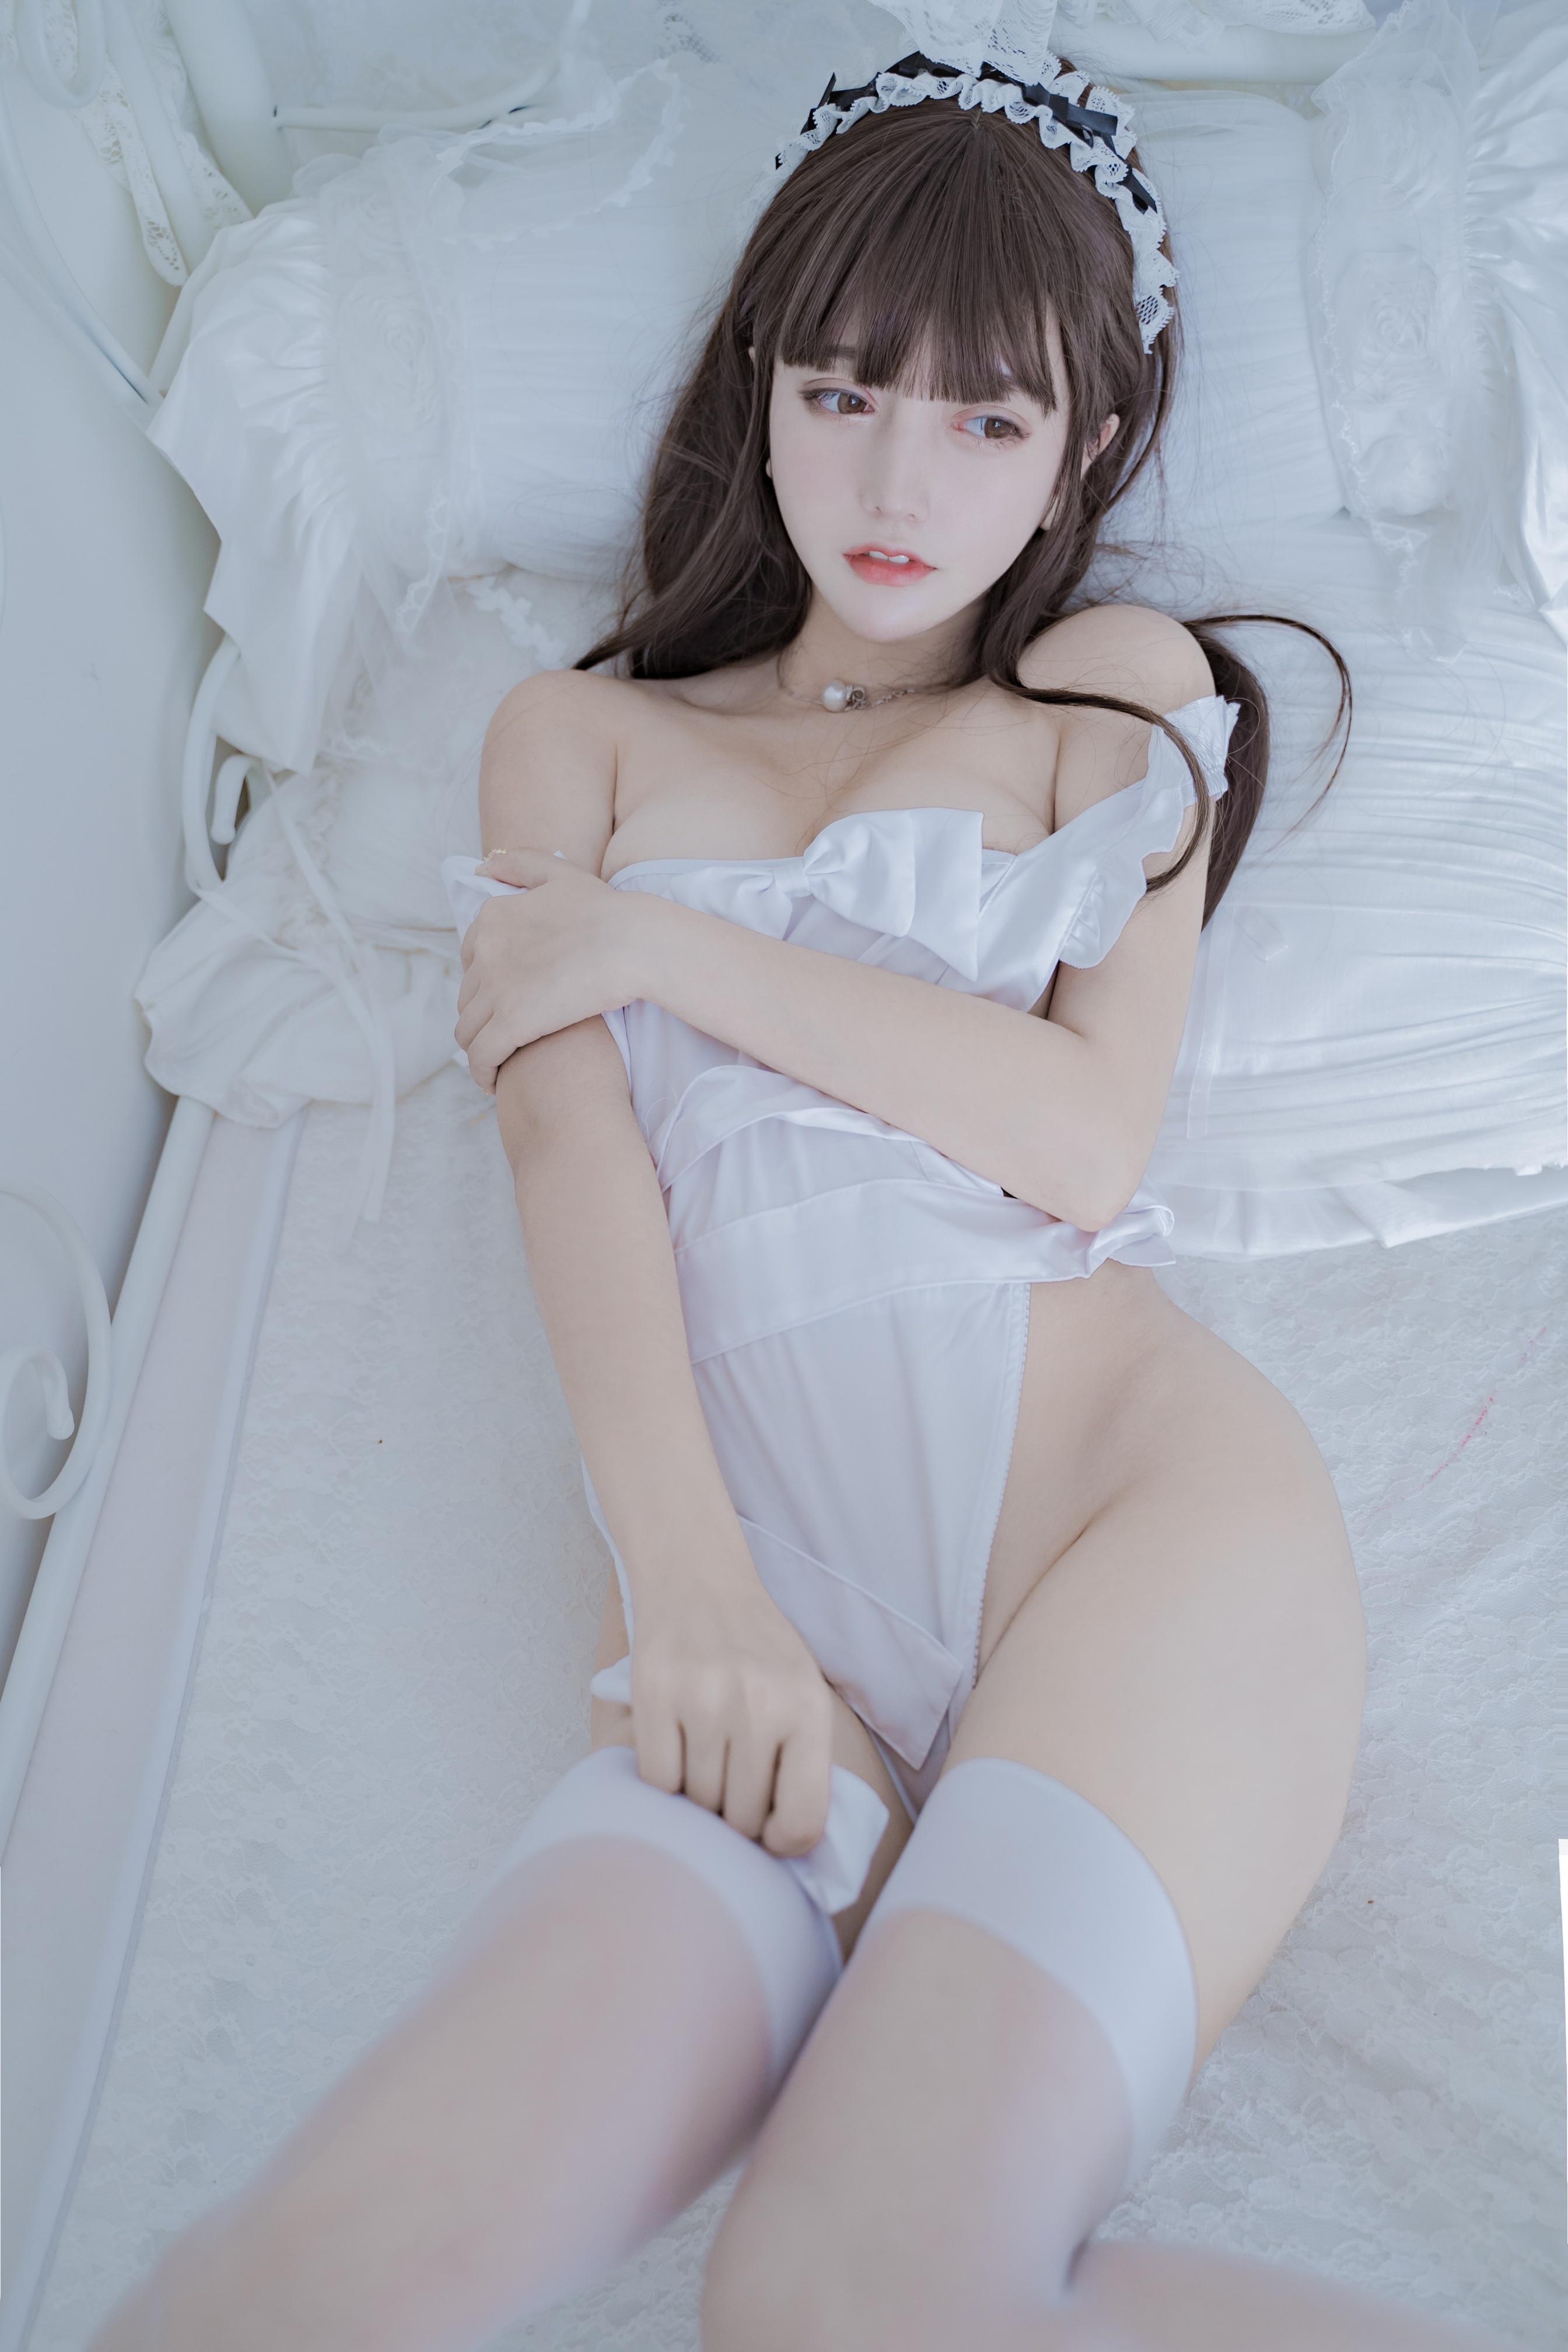 过期米线线喵 连体围裙私房主题写真[31P/61MB]